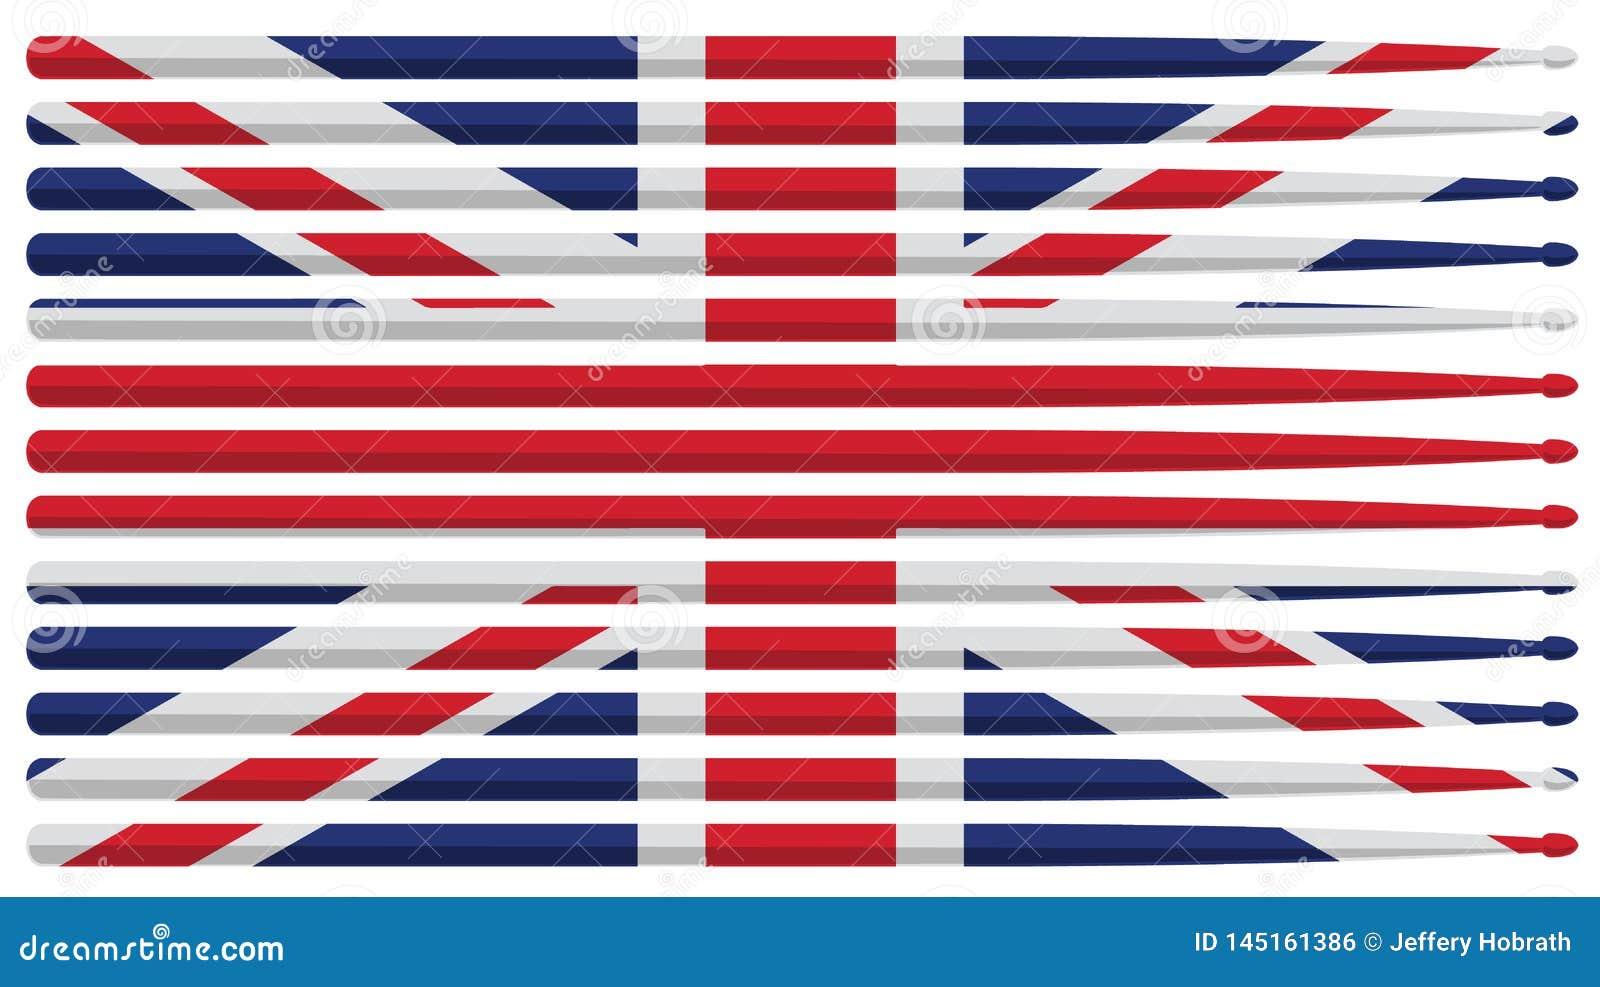 La bandera del batería de Reino Unido con el tambor rayado rojo, blanco y azul pega el ejemplo aislado del vector